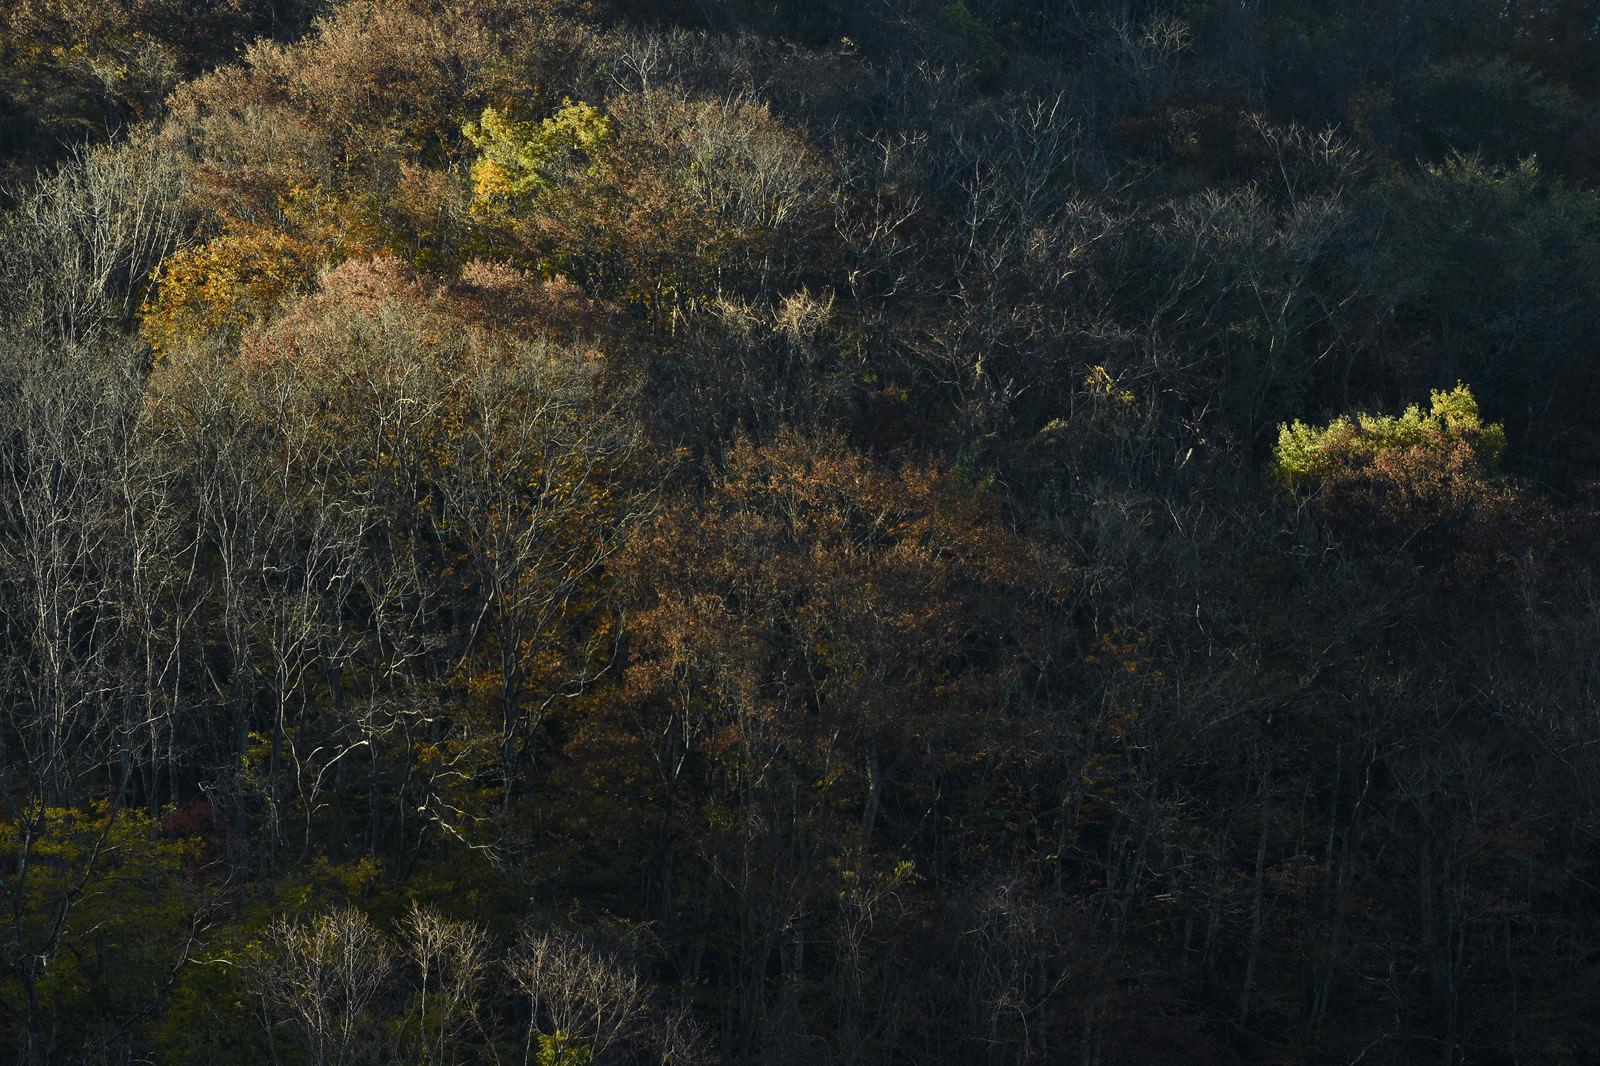 「晩秋の森の木々」の写真